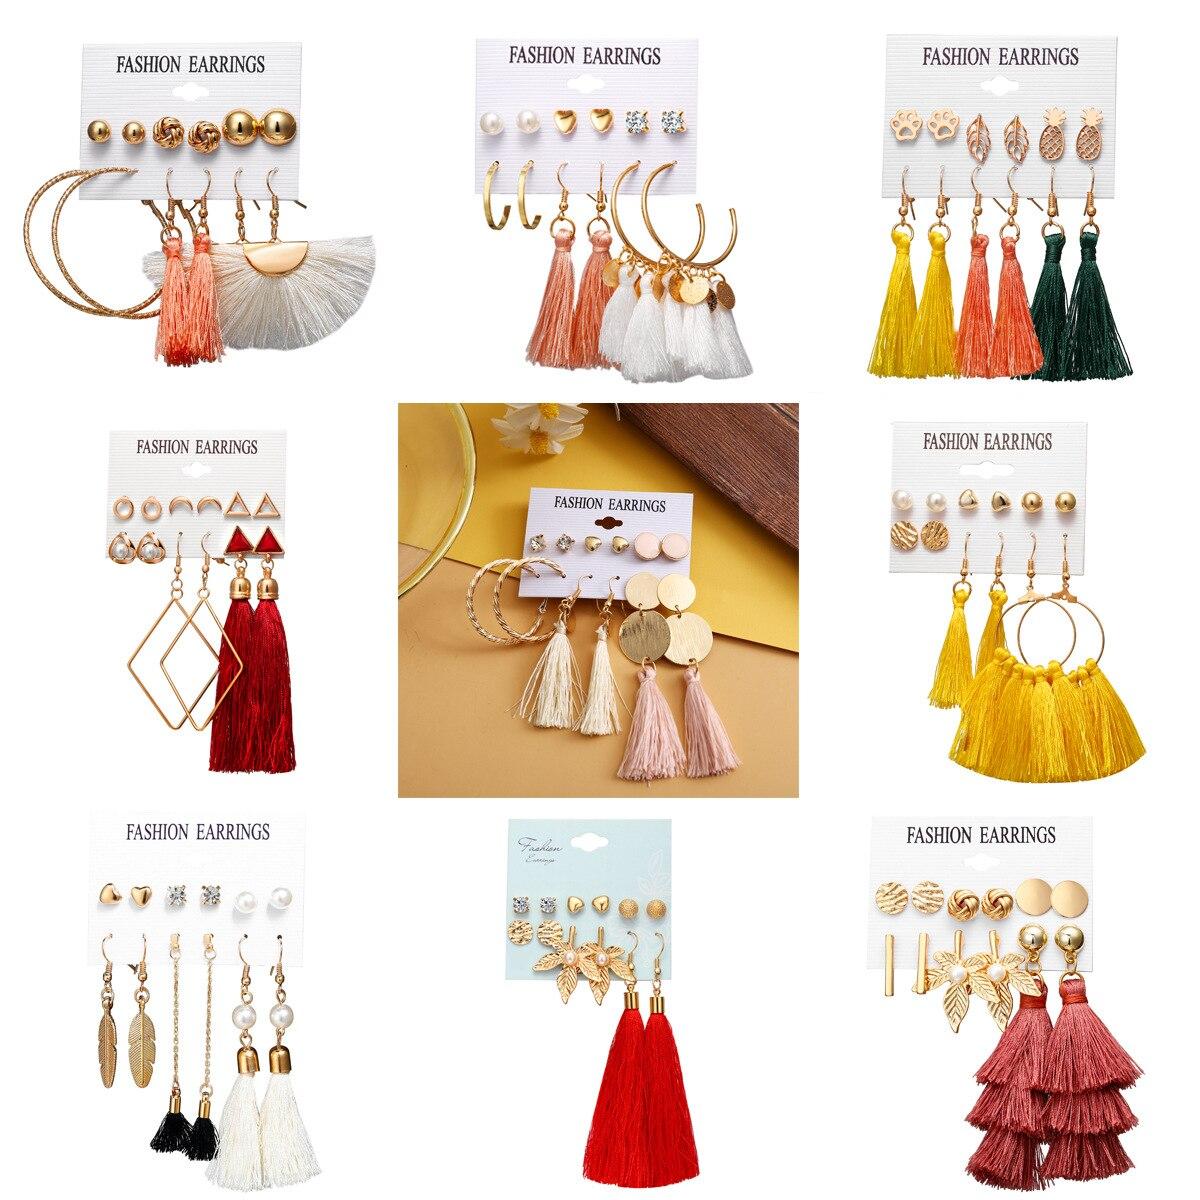 6pair/set Long Tassels Earrings Set Tassel Earring Fashion Jewelry for Women Dangle Earrings Christmas Gifts trendy earrings